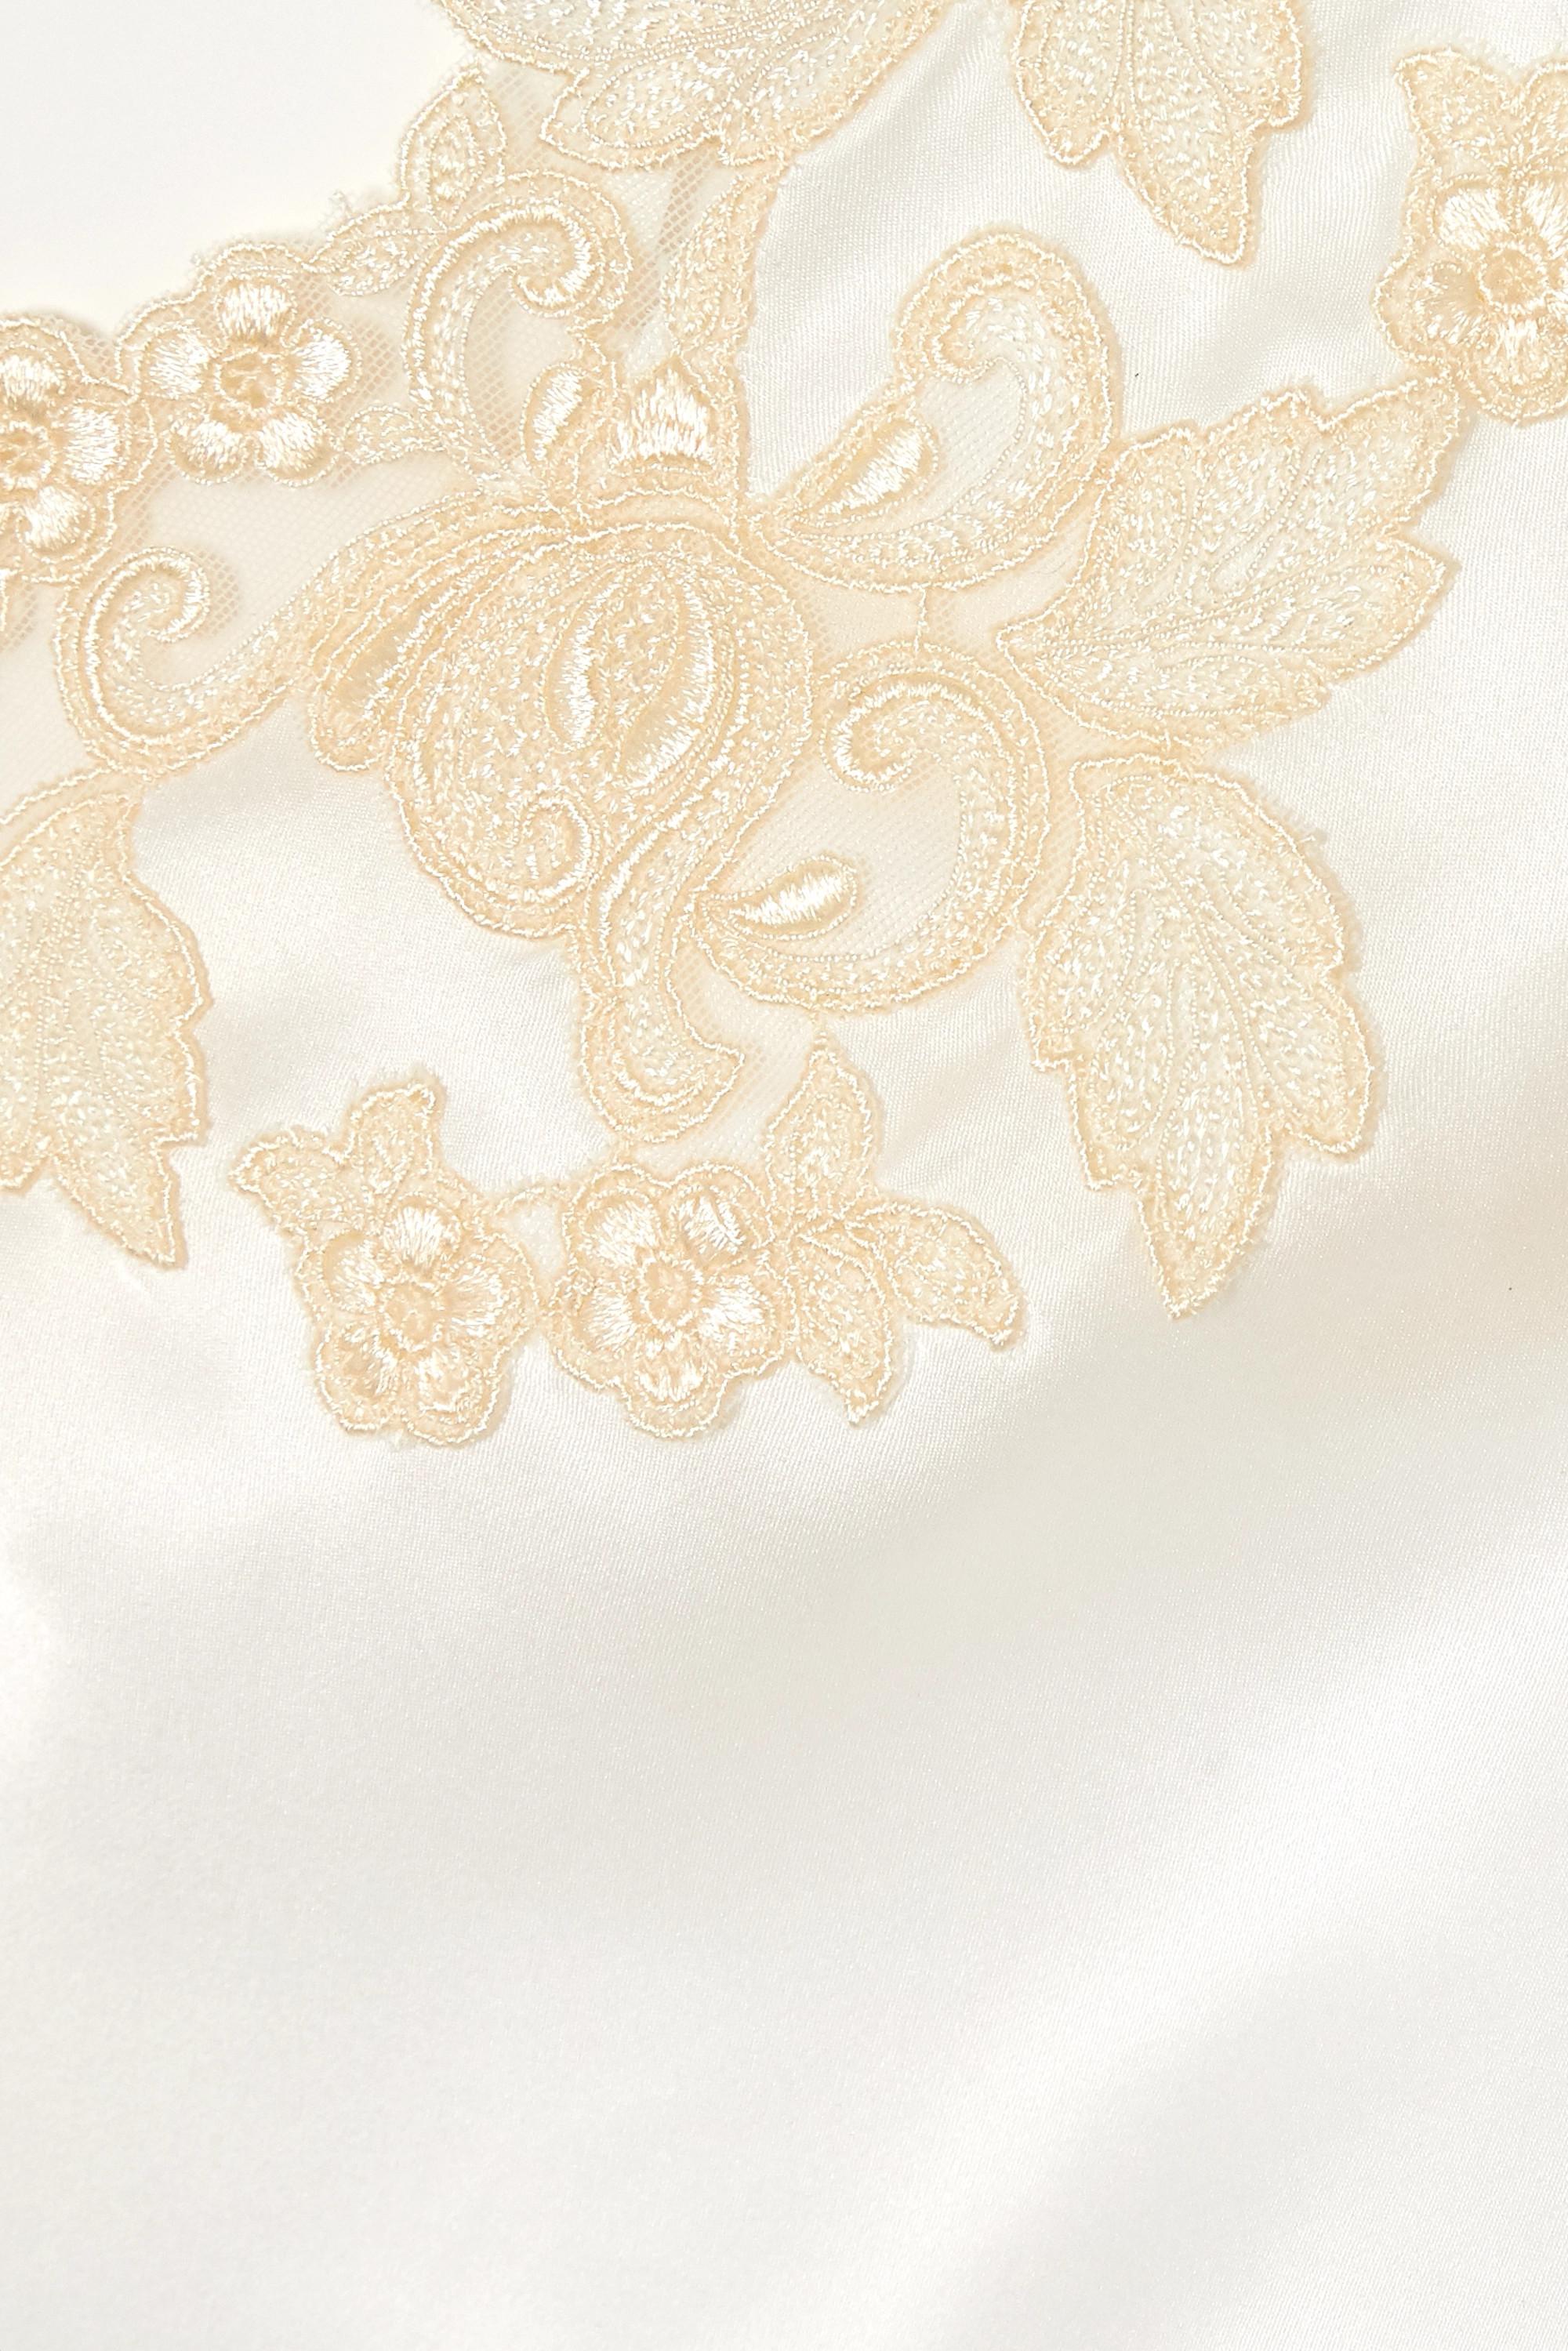 La Perla Nachthemd aus Seiden-Charmeuse mit Spitzenbesatz